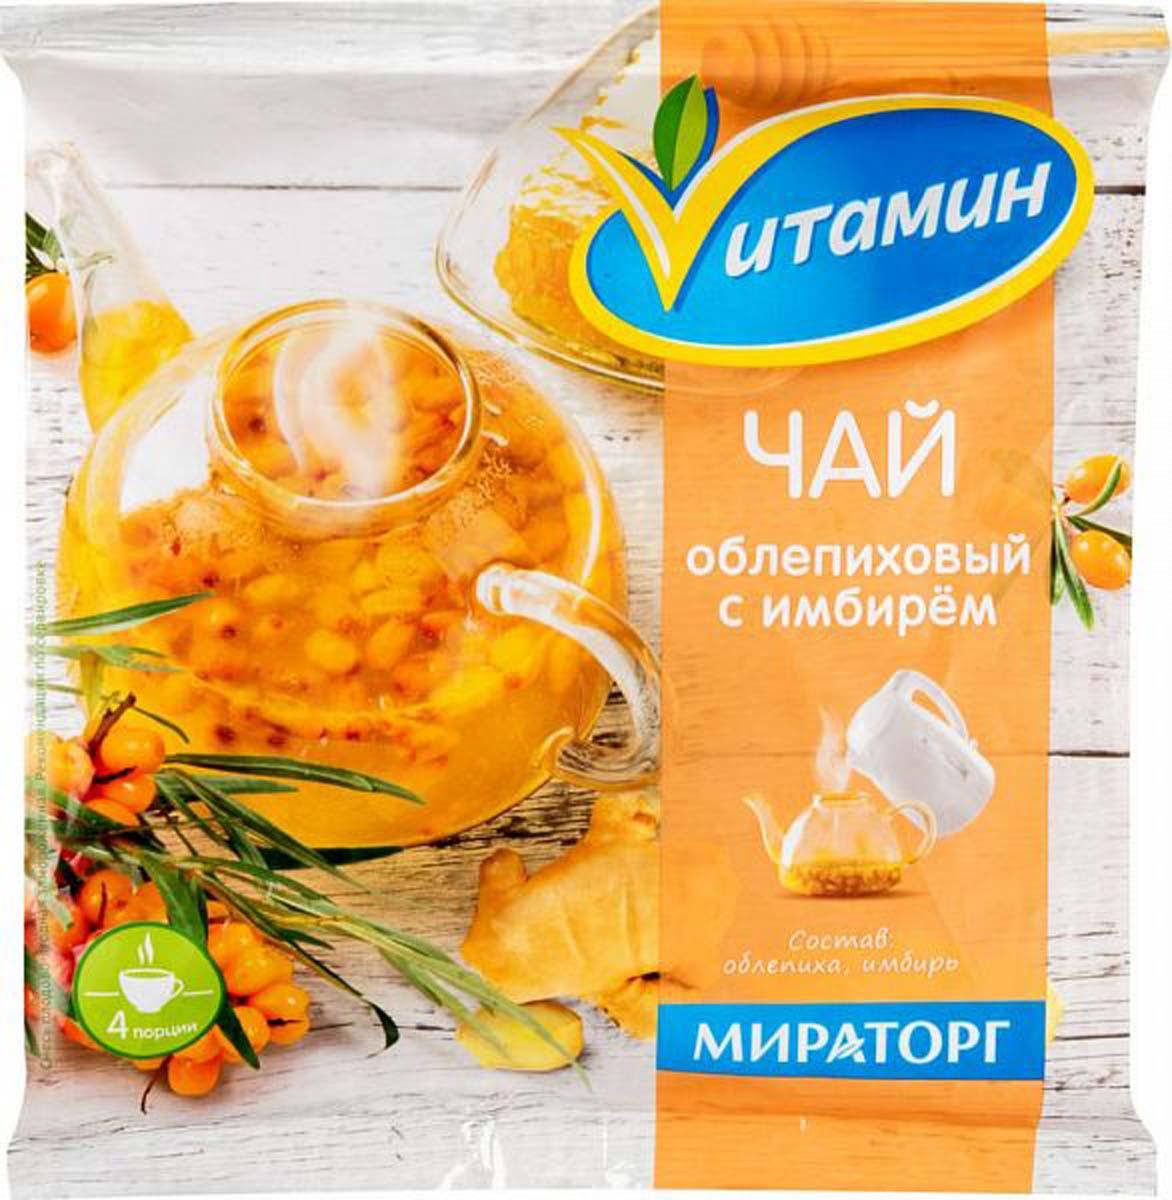 Чай облепиховый с имбирем Vитамин, 300 г